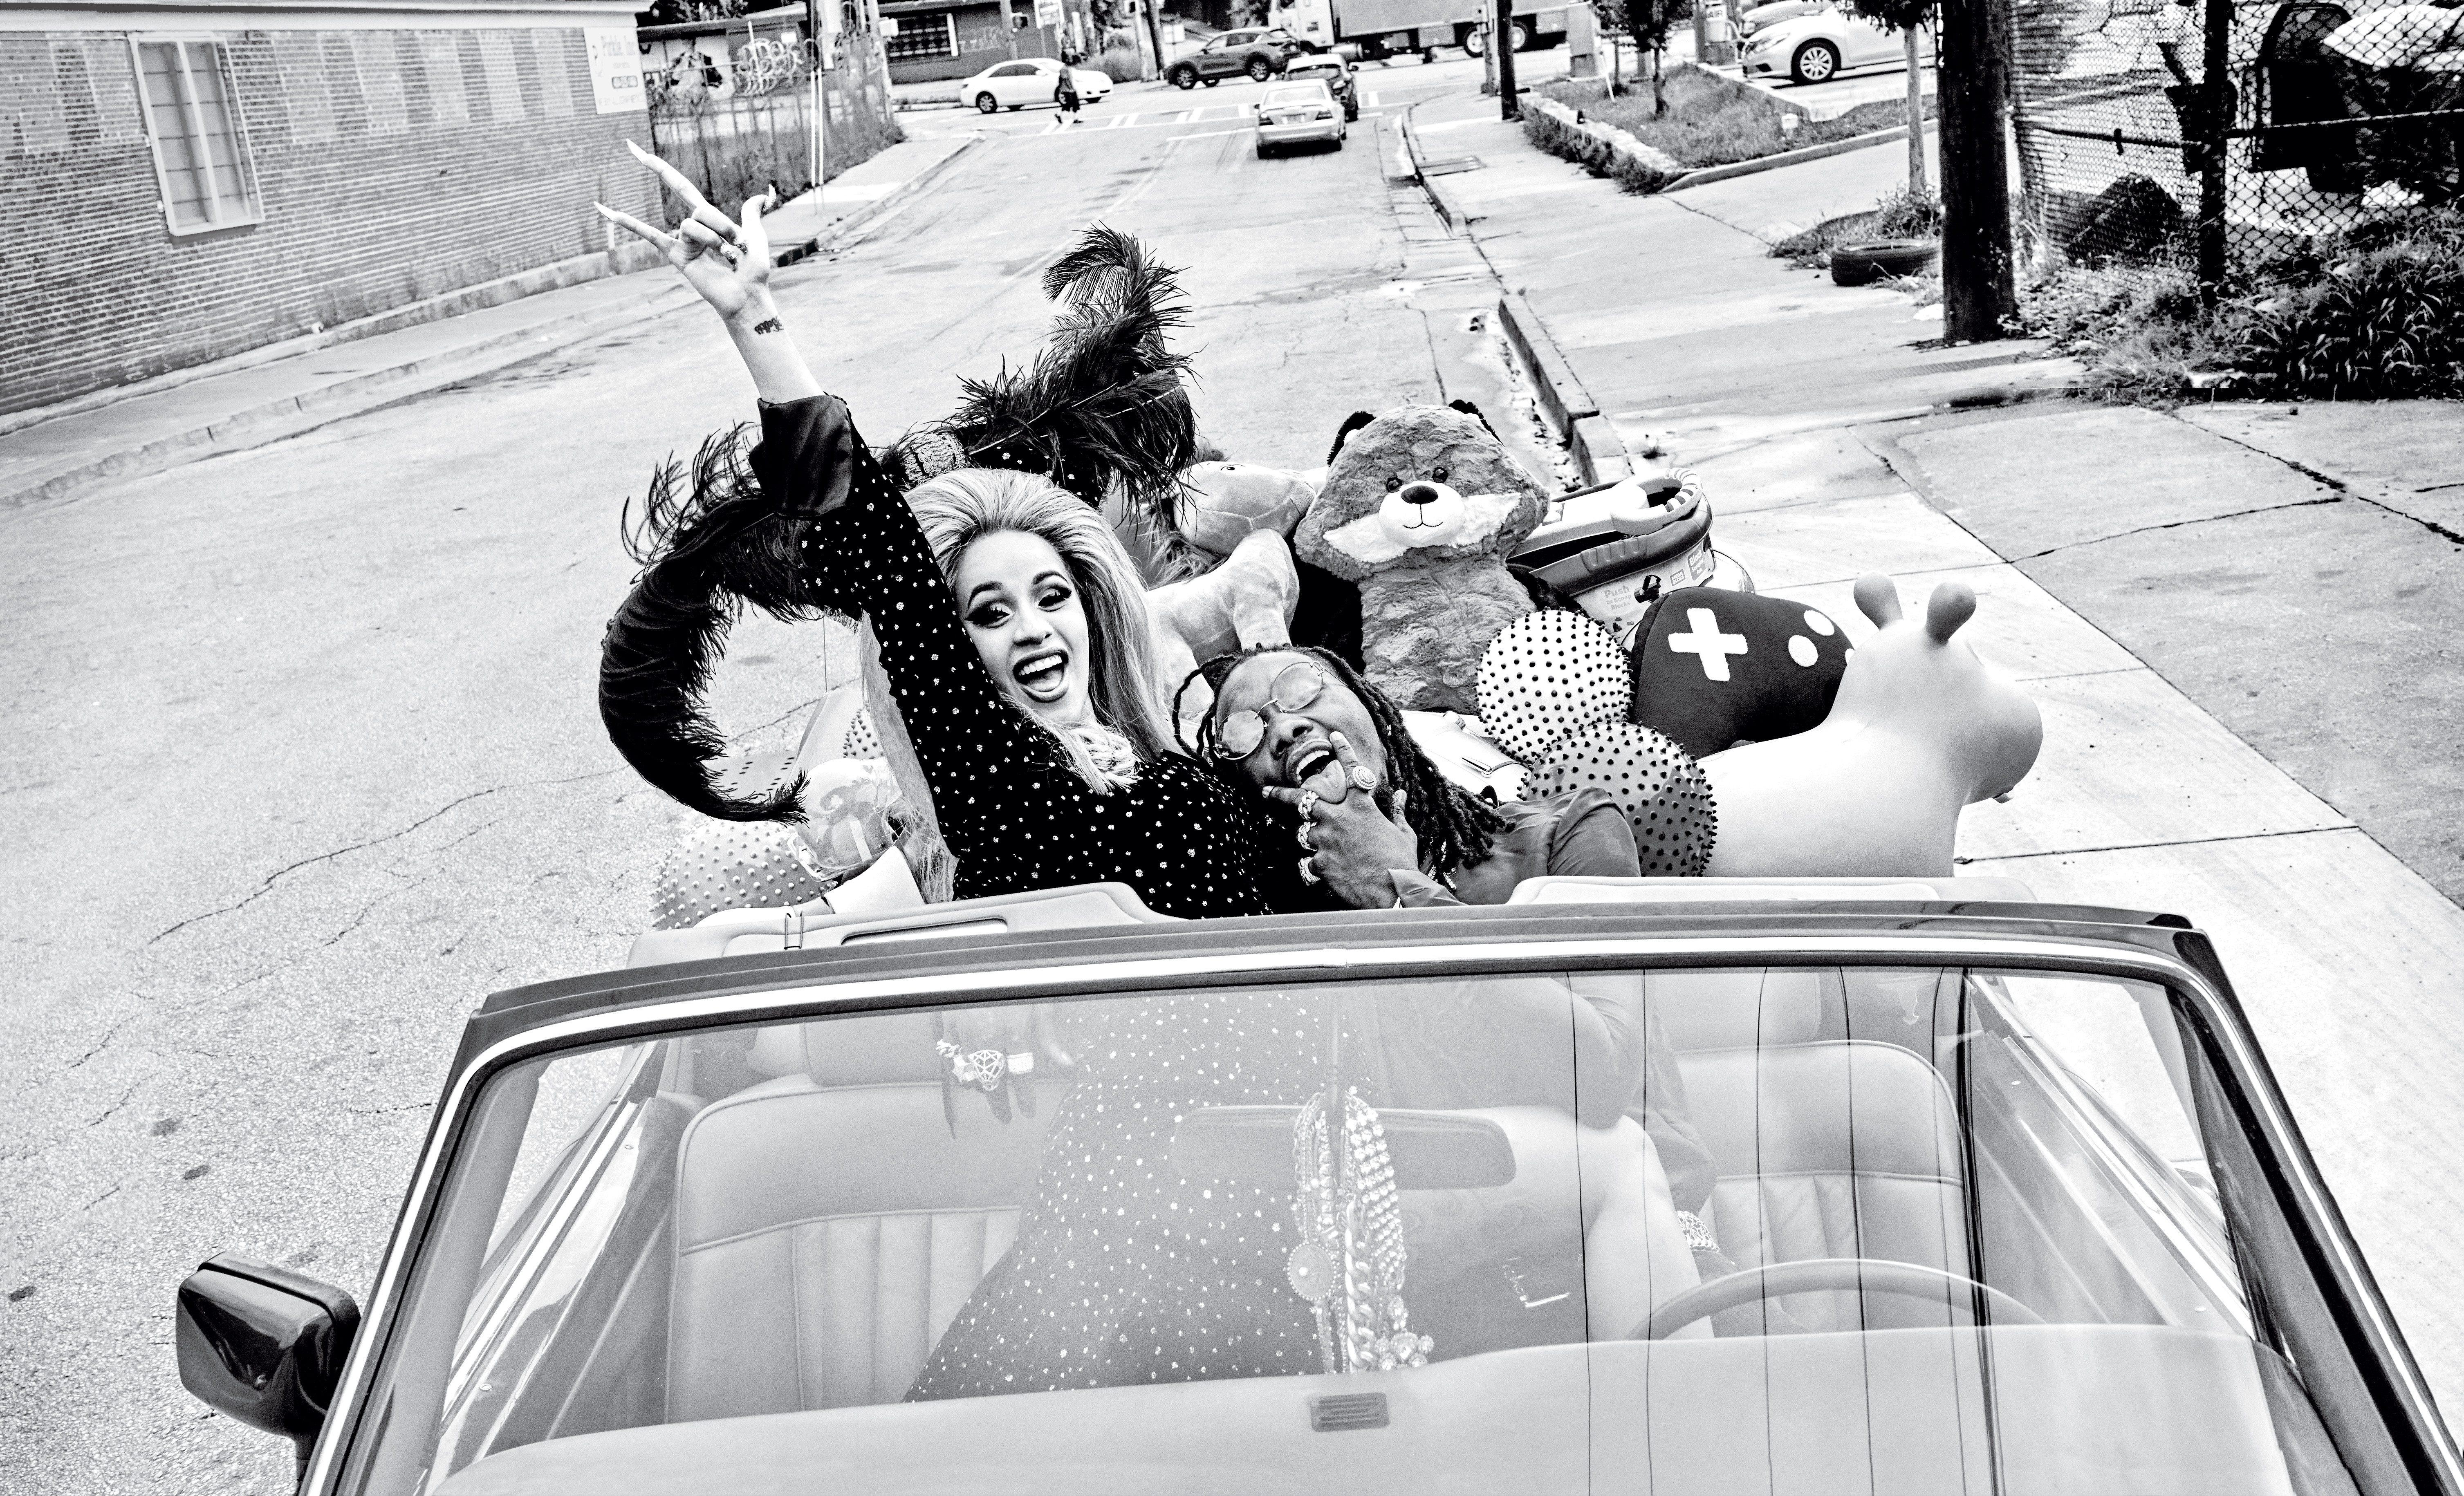 Tour De Lit Rose Pale Joli Cardi B Fset Rolling Stone Cover A Hip Hop Love Story – Rolling